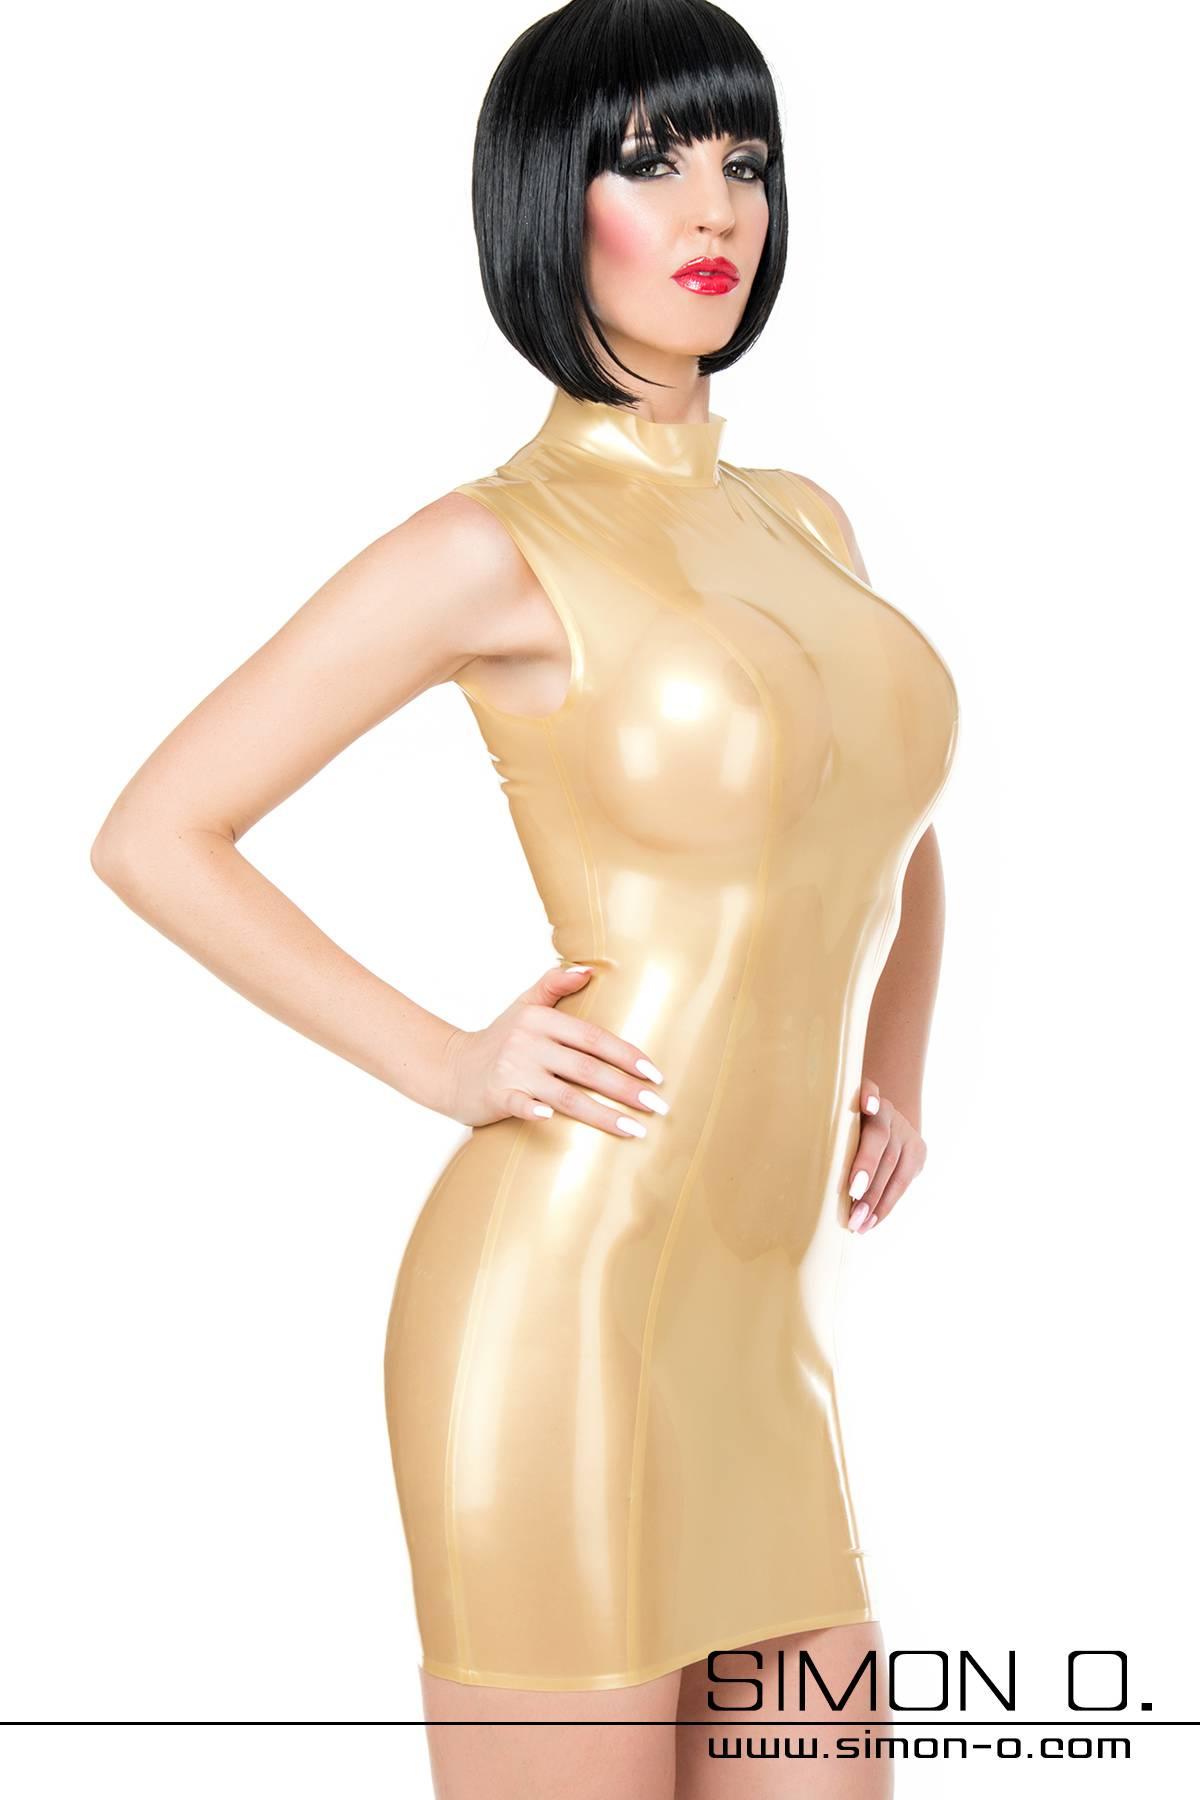 Eine dunkelhaarige Frau trägt ein enges goldenes Latex Minikleid in wet look Optik